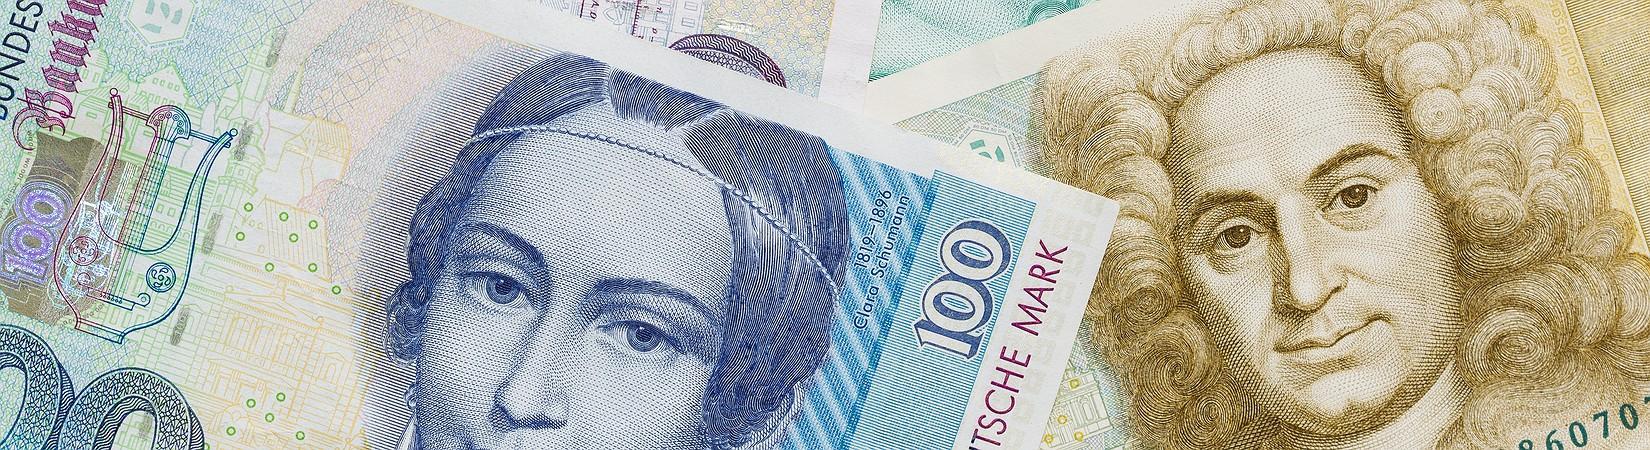 Una fortuna sotto il cuscino: i risparmiatori europei e i loro miliardi in lire, franchi e marchi